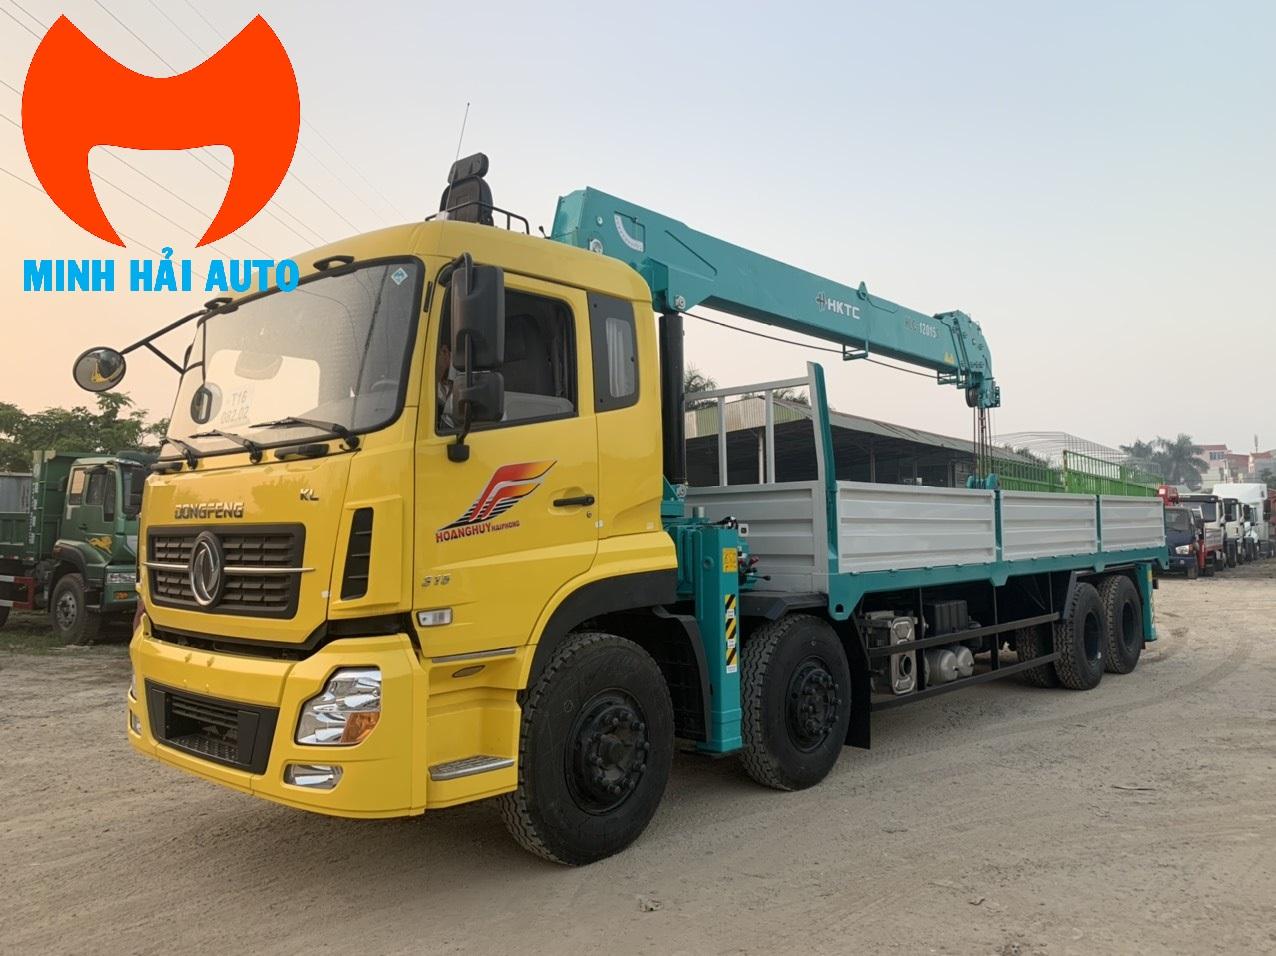 Bán xe cẩu thùng 10 tấn HKTC- Dongfeng